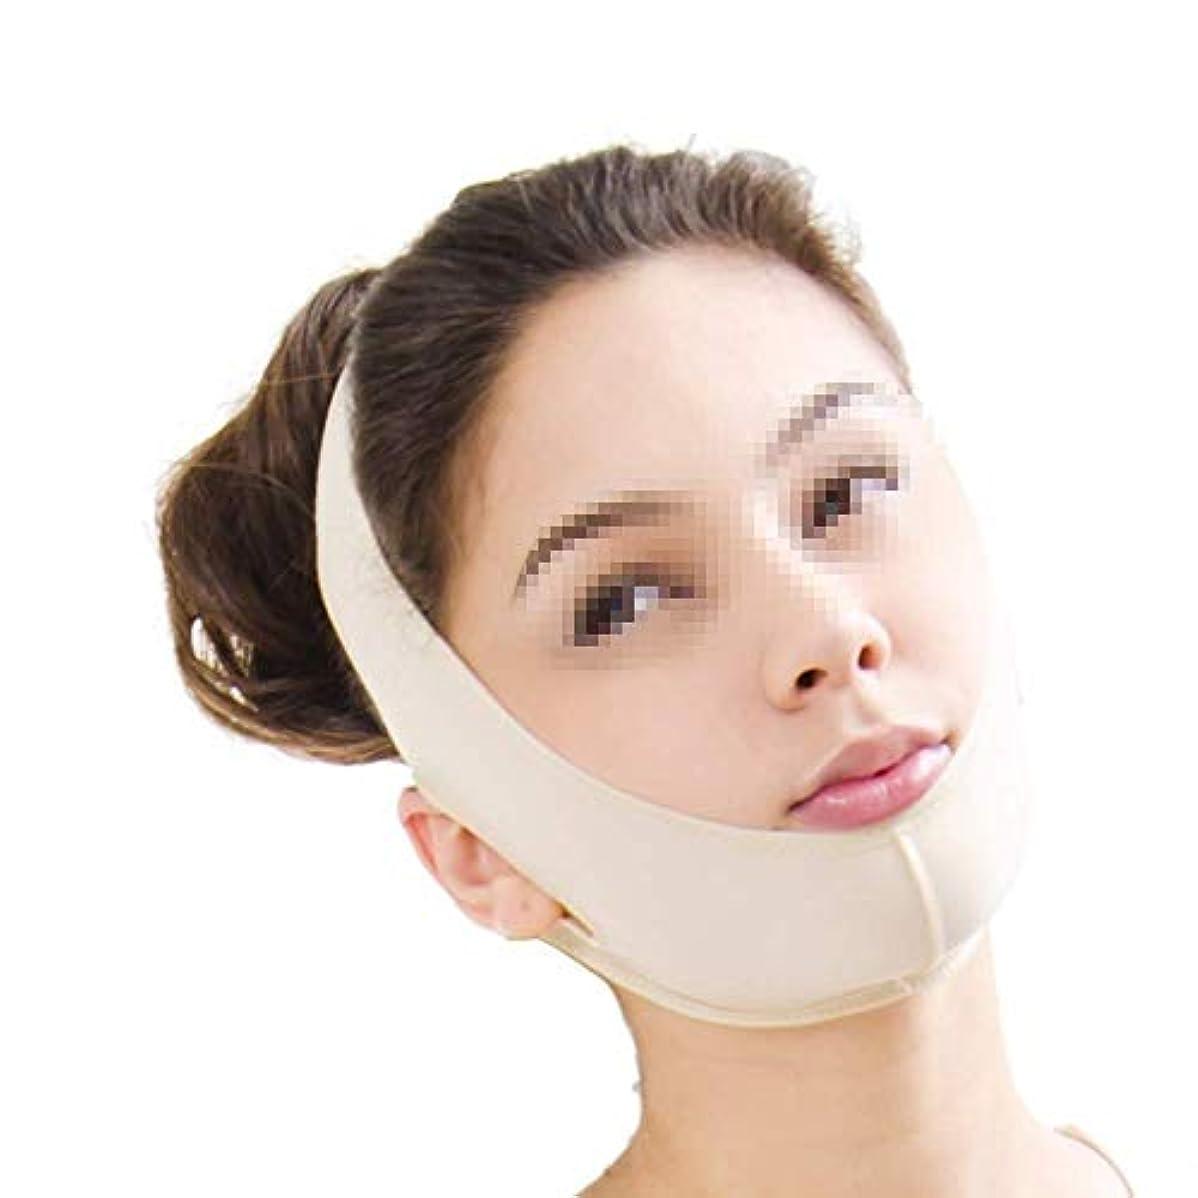 毛布戻すセイはさておきフェイスリフトマスク、圧縮後の顎顔面ダブルチン化粧品脂肪吸引小顔包帯弾性ヘッドギア(サイズ:Xl)